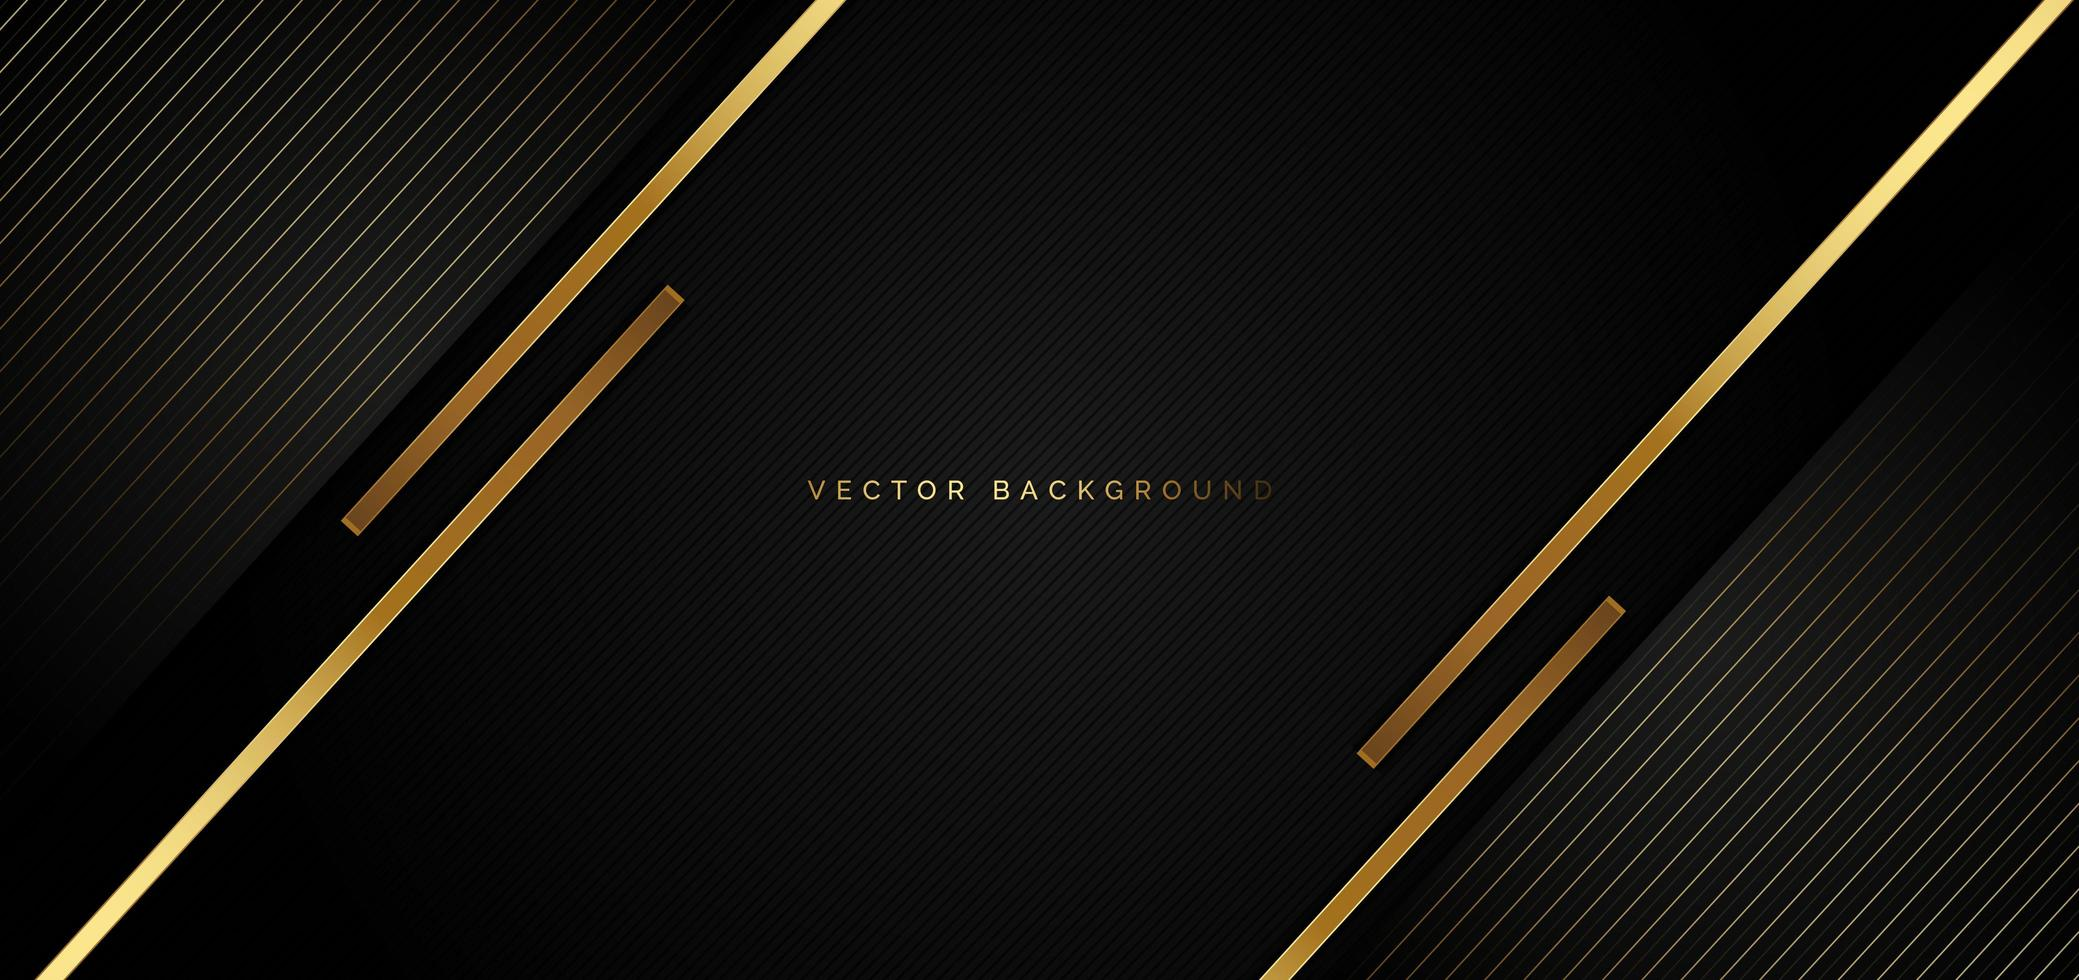 fundo preto com listras douradas em um estilo luxuoso vetor